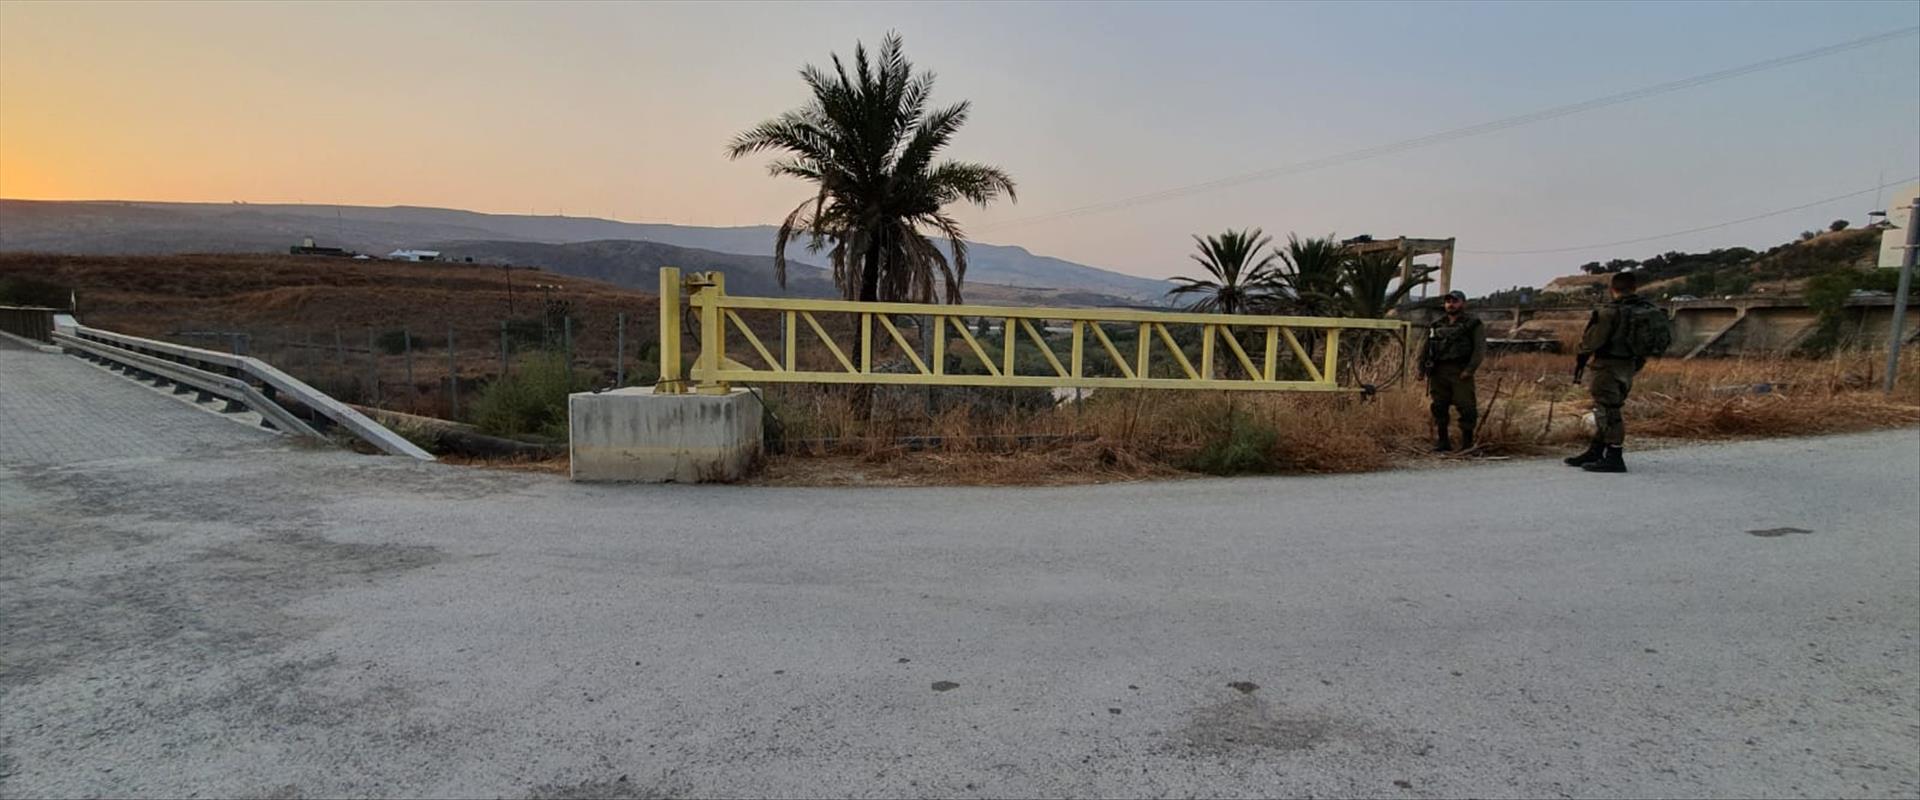 """חיילי צה""""ל סוגרים את שער המעבר לאי השלום, היום"""